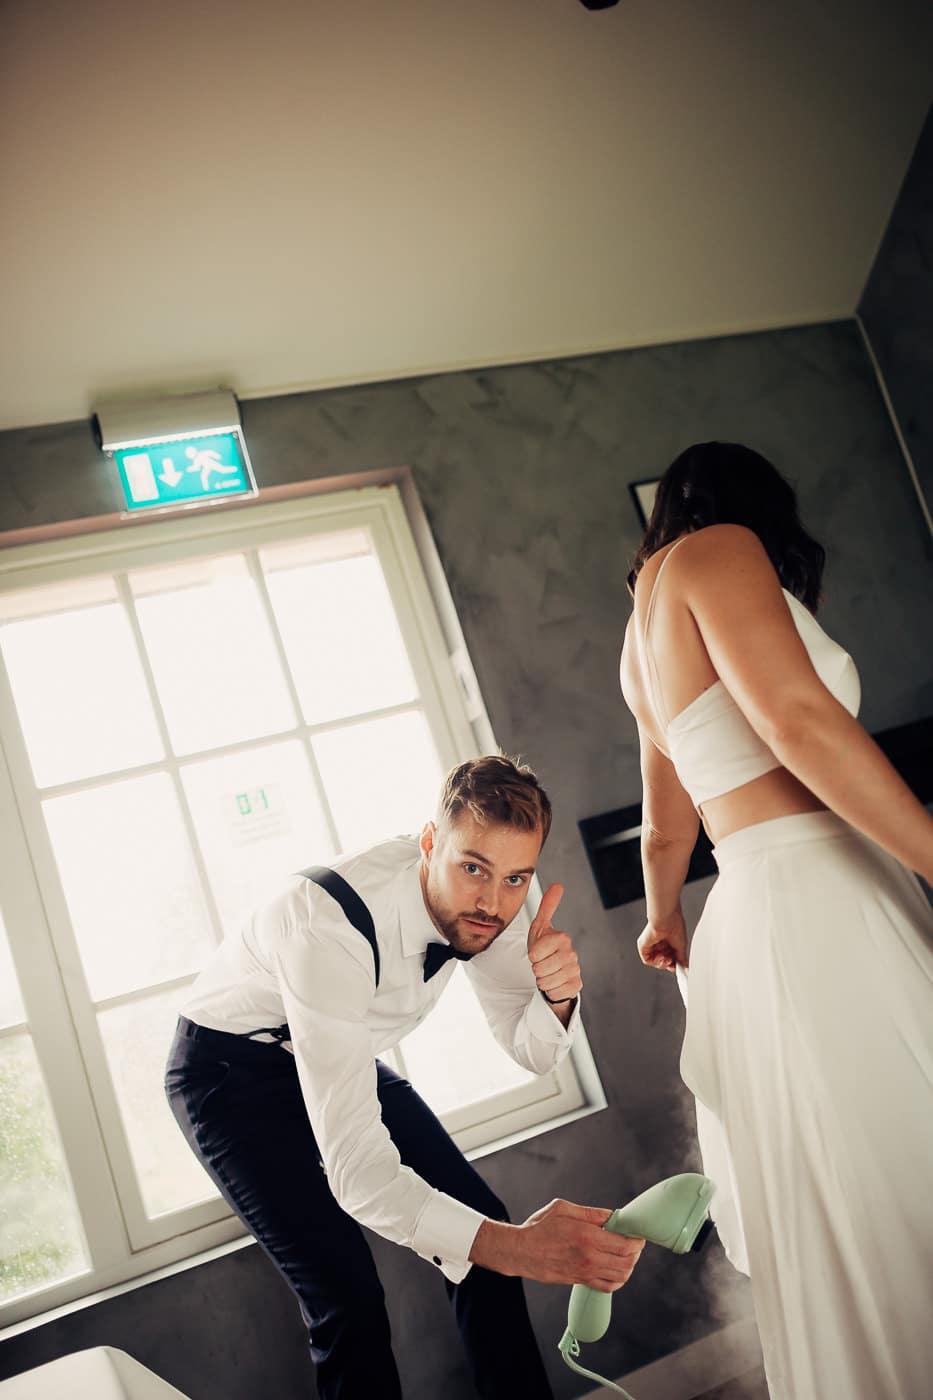 Caroline & Bendik - avslappet og morsomt bryllup i Ski Fotograf bryllup ski 25 Brudepar